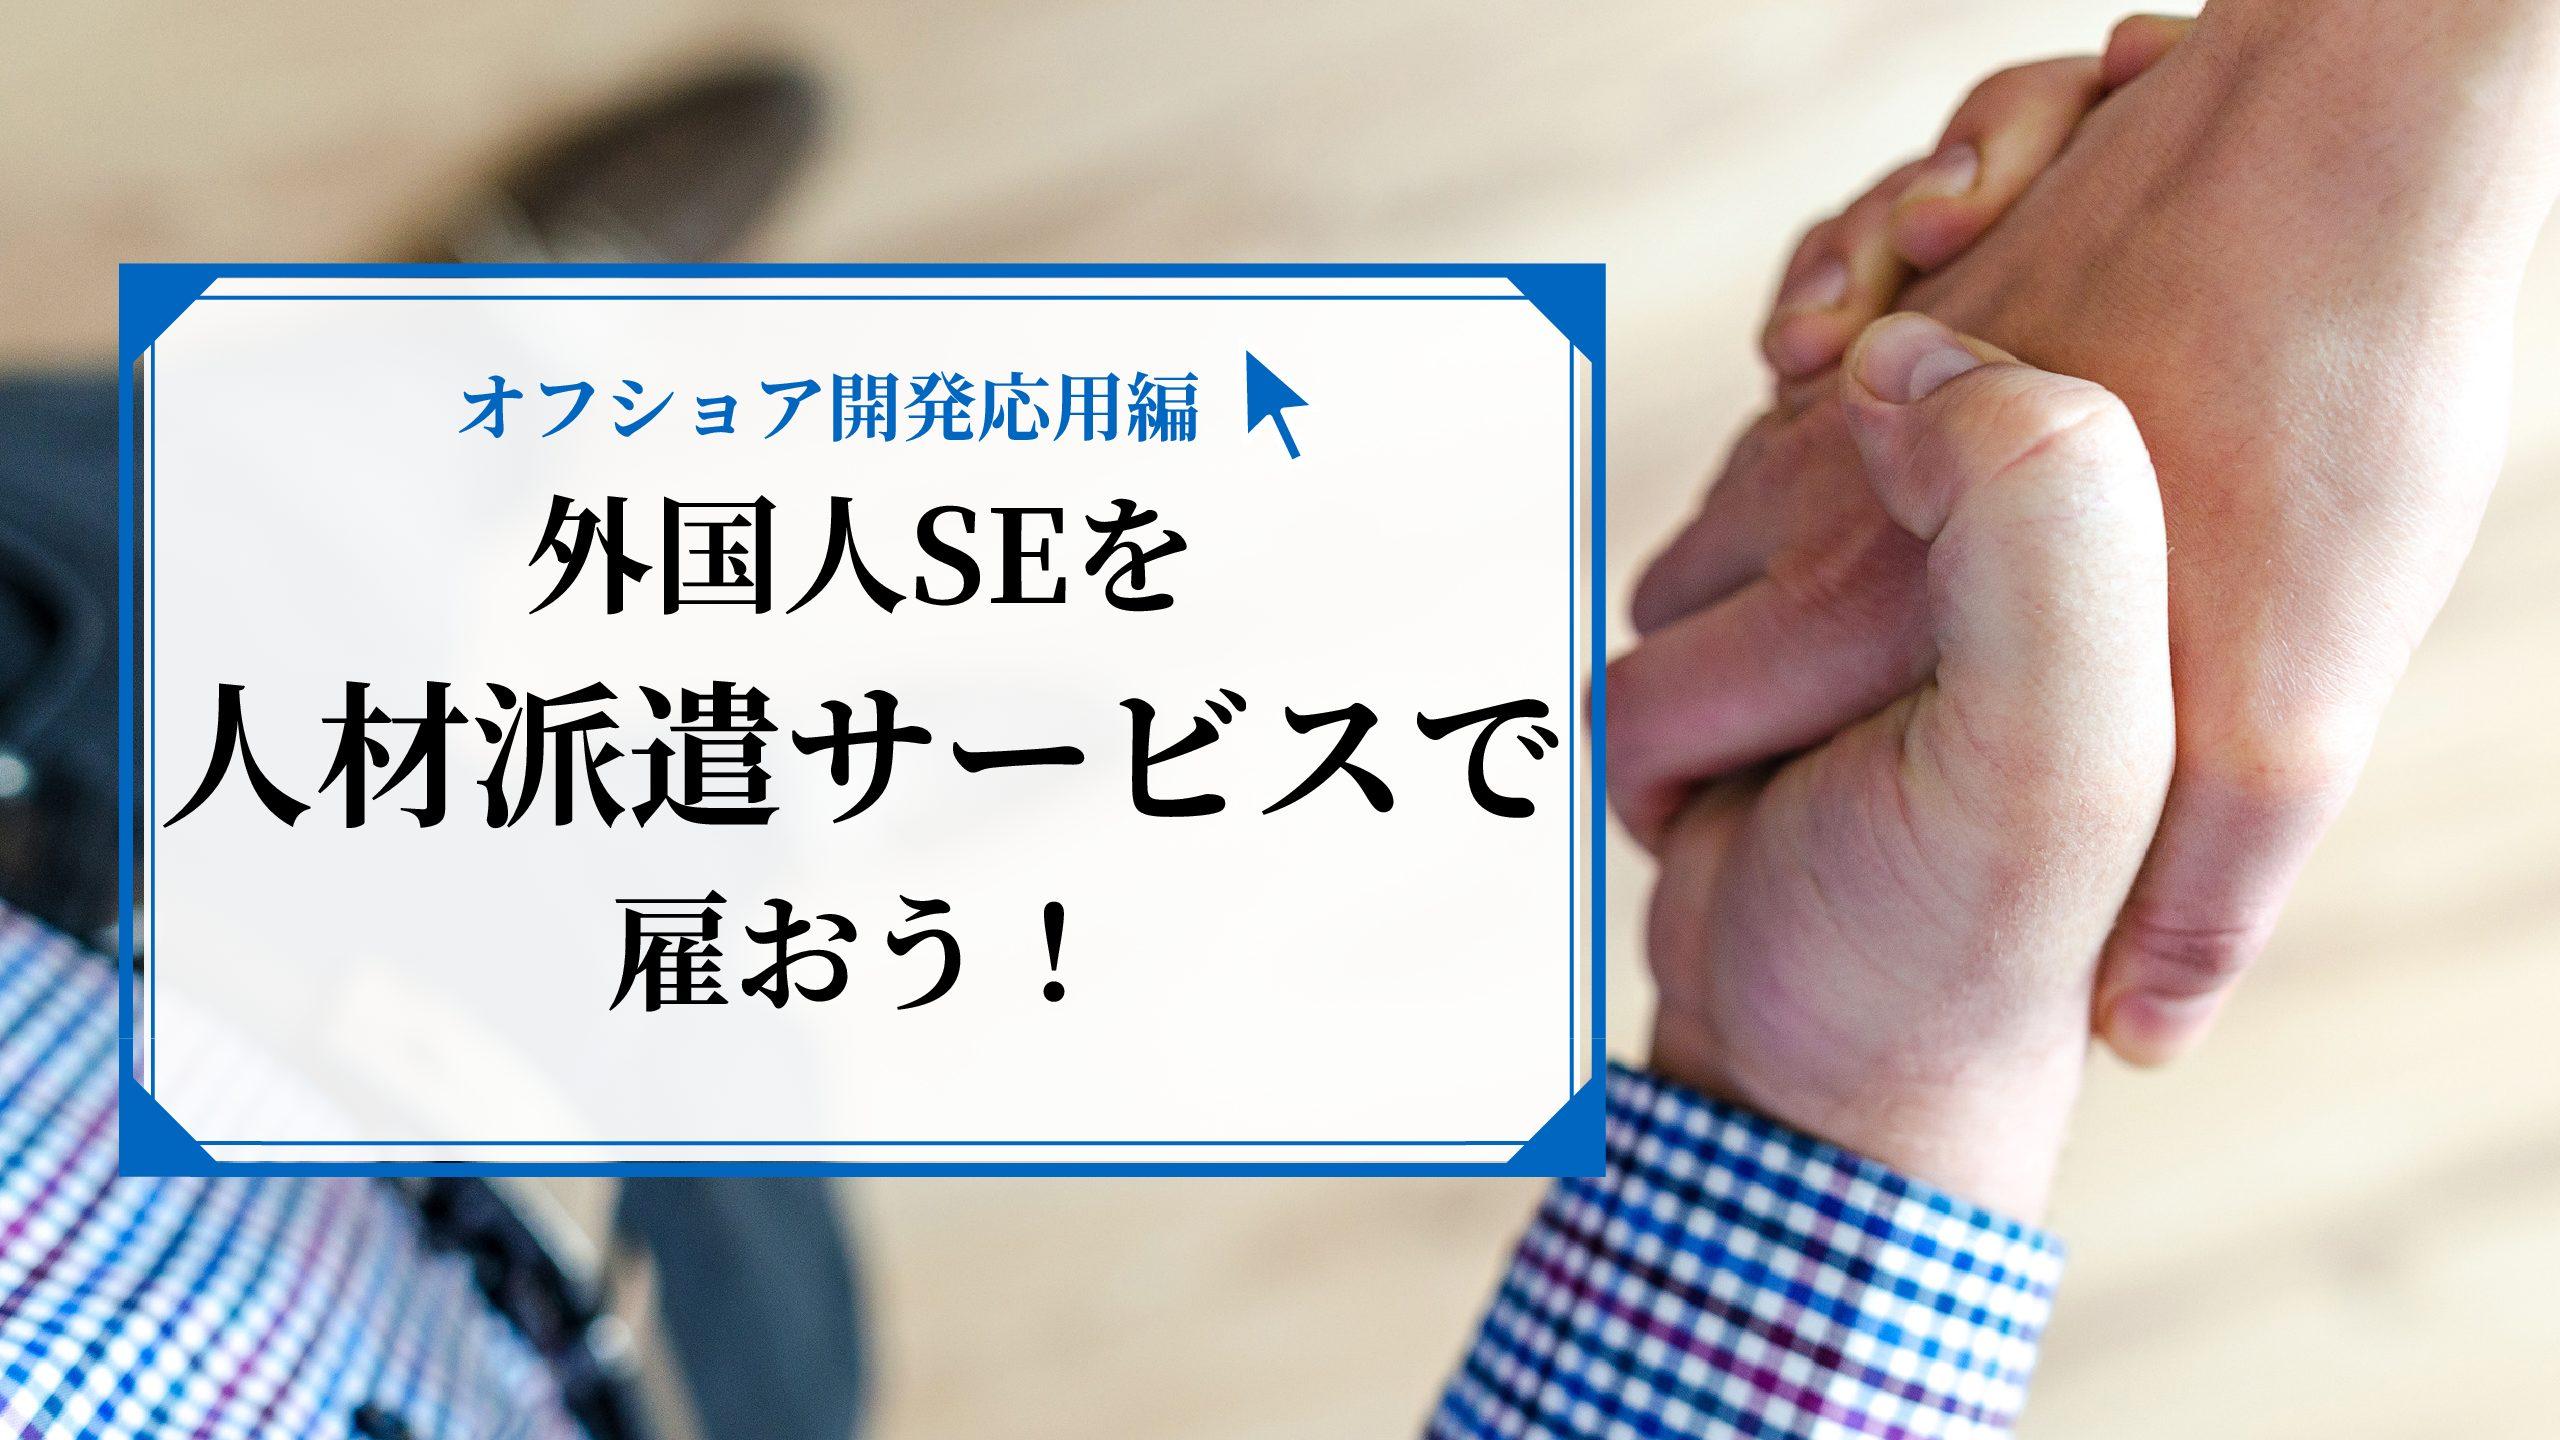 【派遣型オフショア開発】人材派遣サービスで優秀な外国人SEを雇おう!